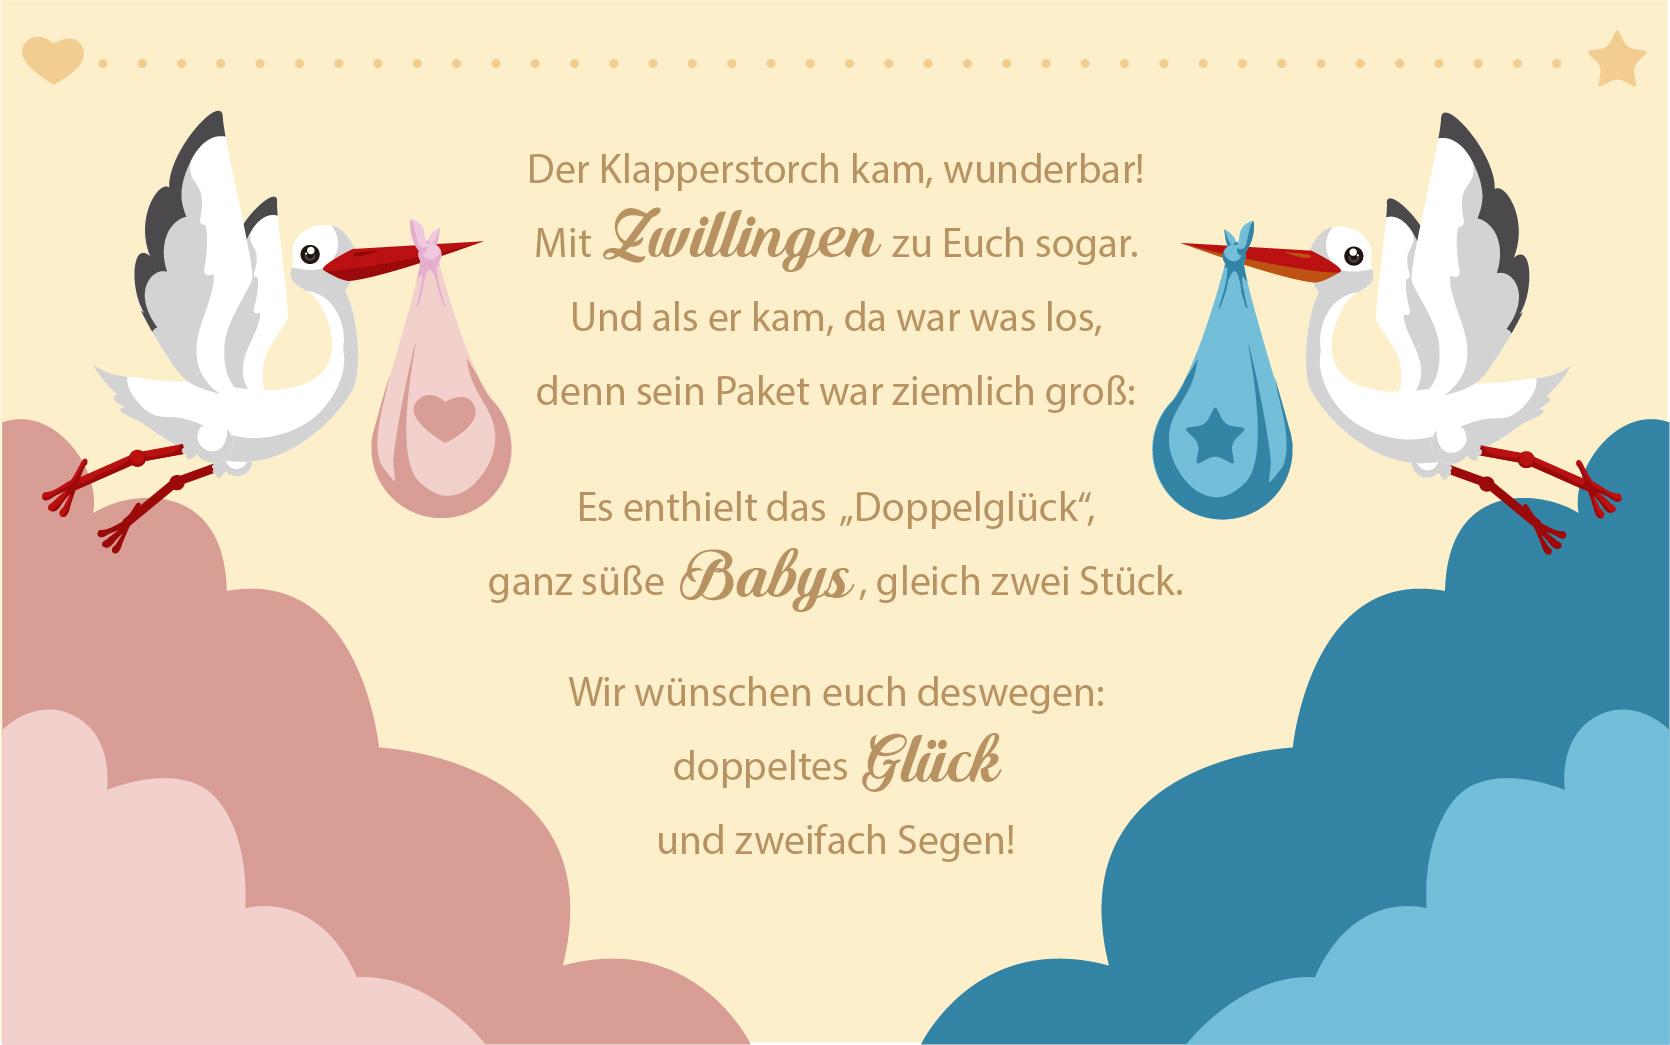 Sprüche Für Kinder: Geburtskarten Von Lustig Bis Romantisch bestimmt für Glückwunschkarten Zur Geburt Zum Ausdrucken